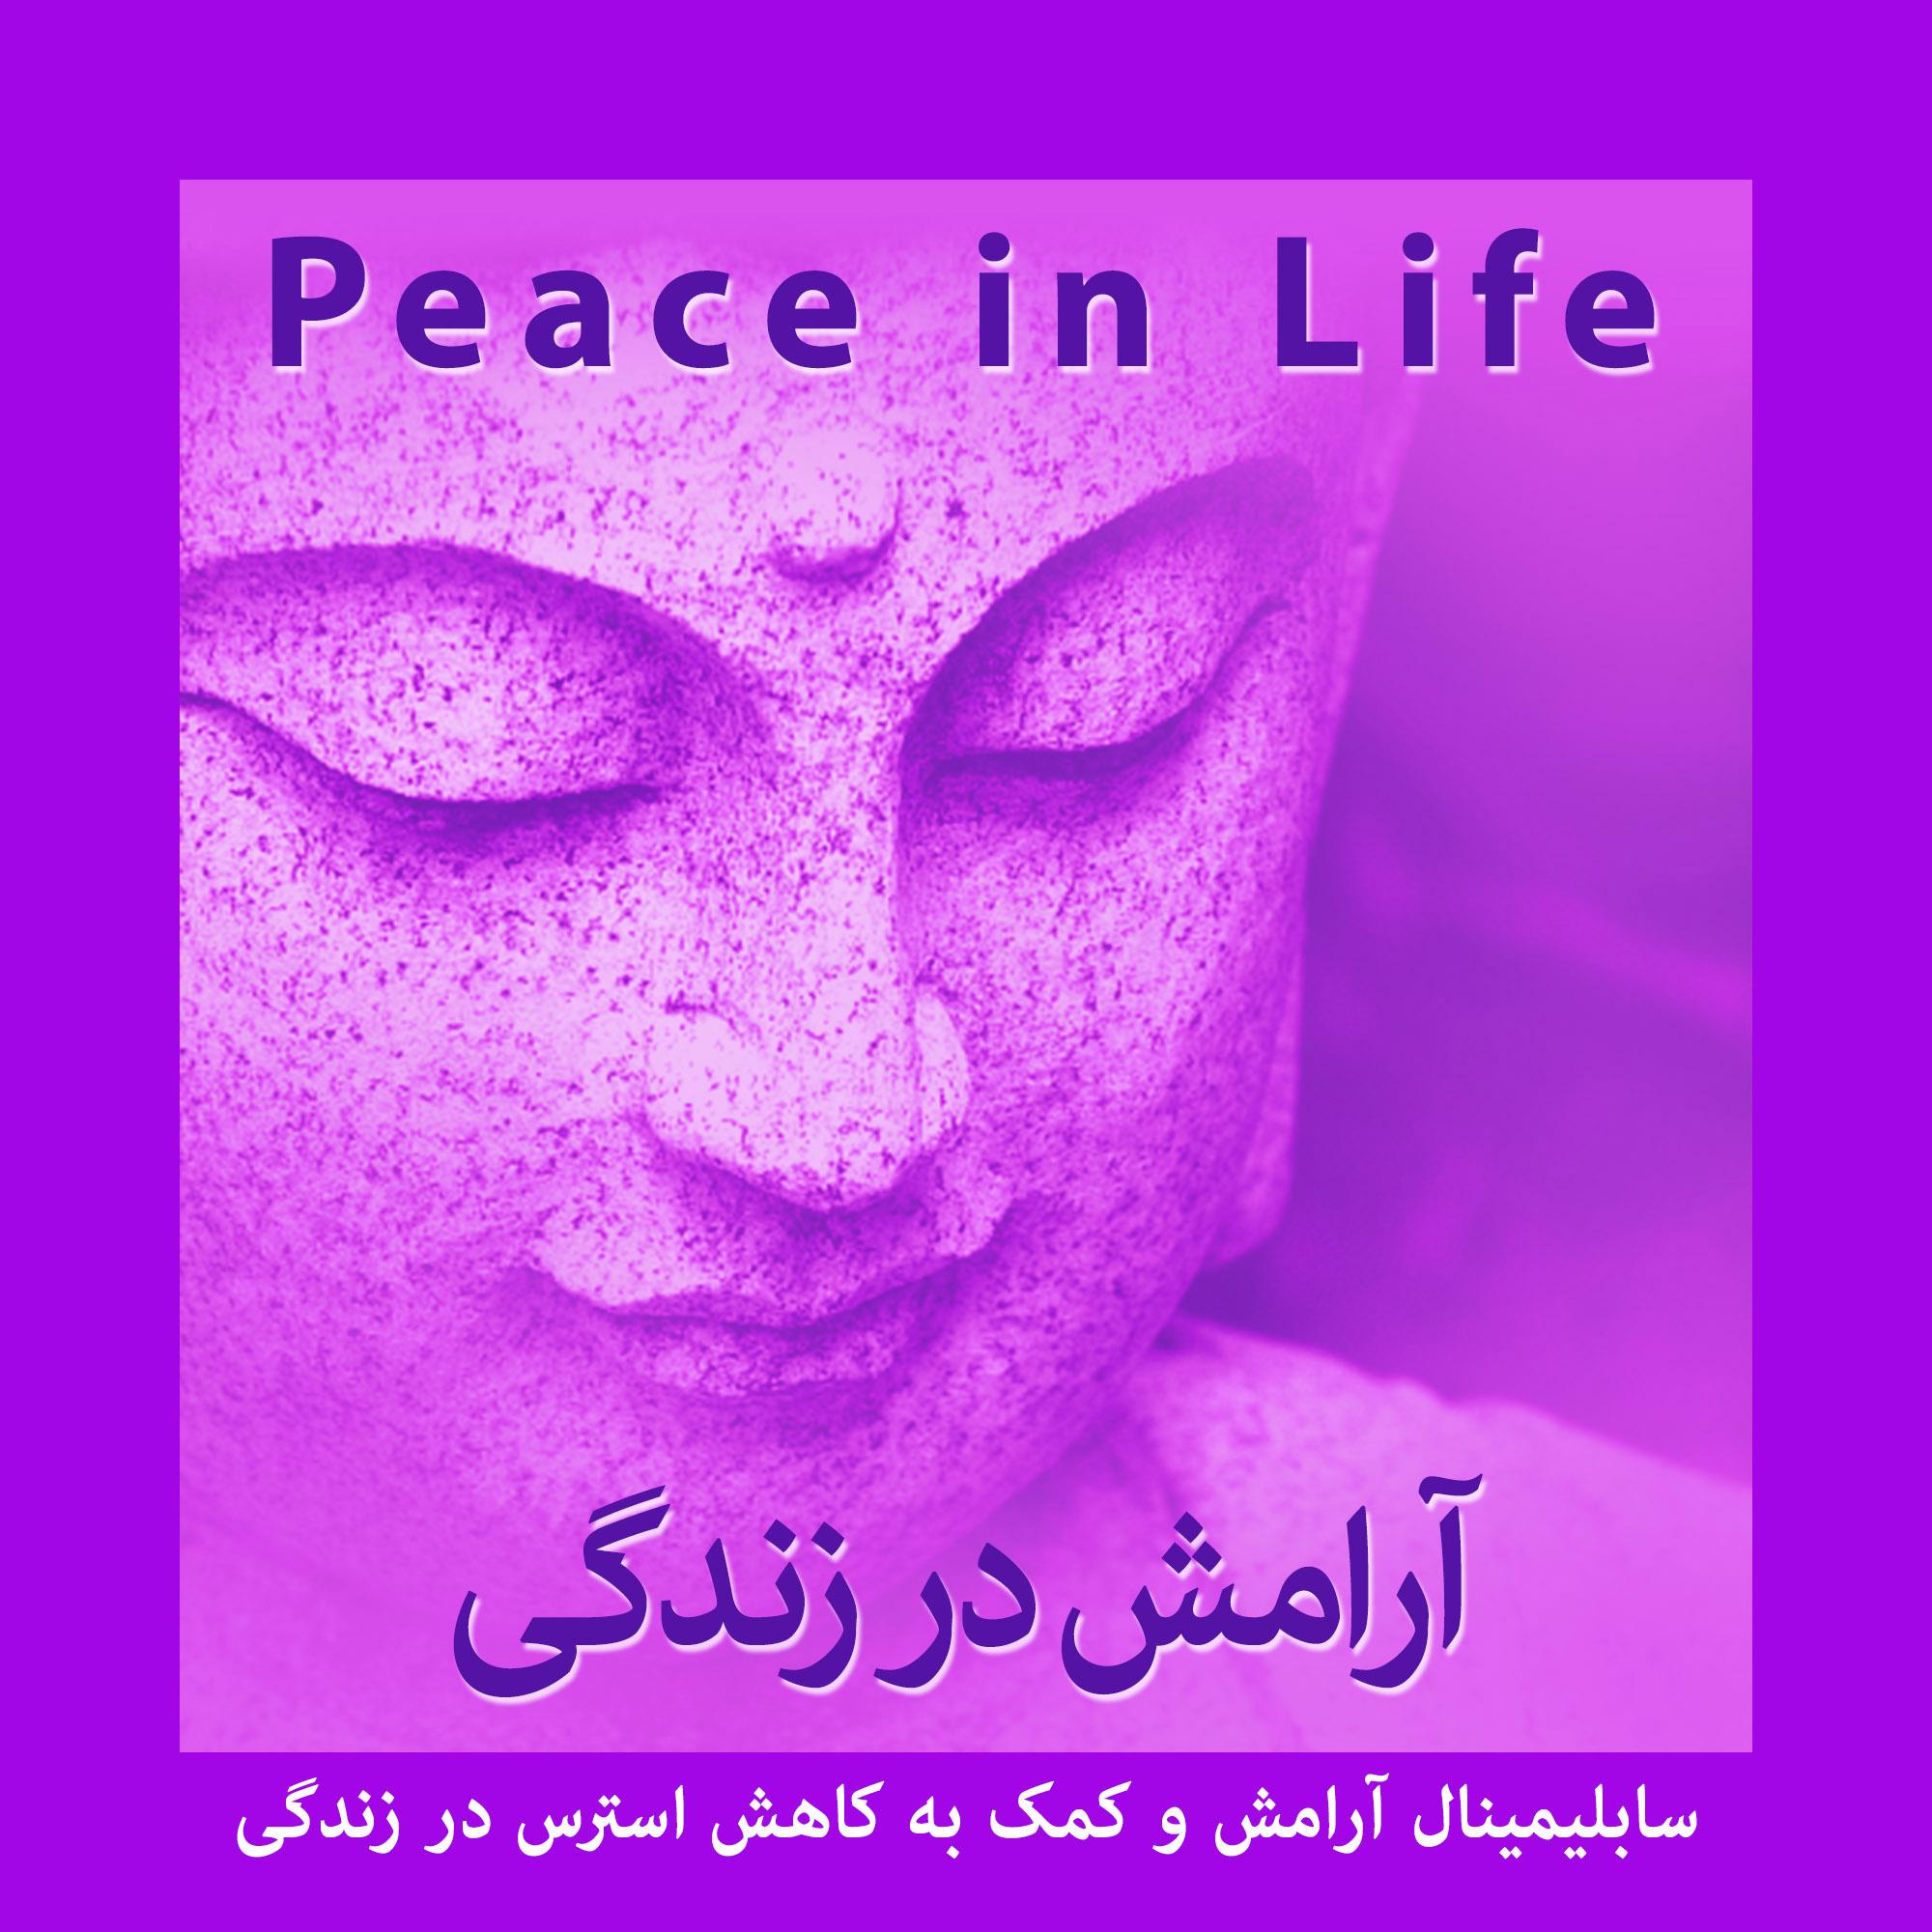 سابلیمینال آرامش در زندگی